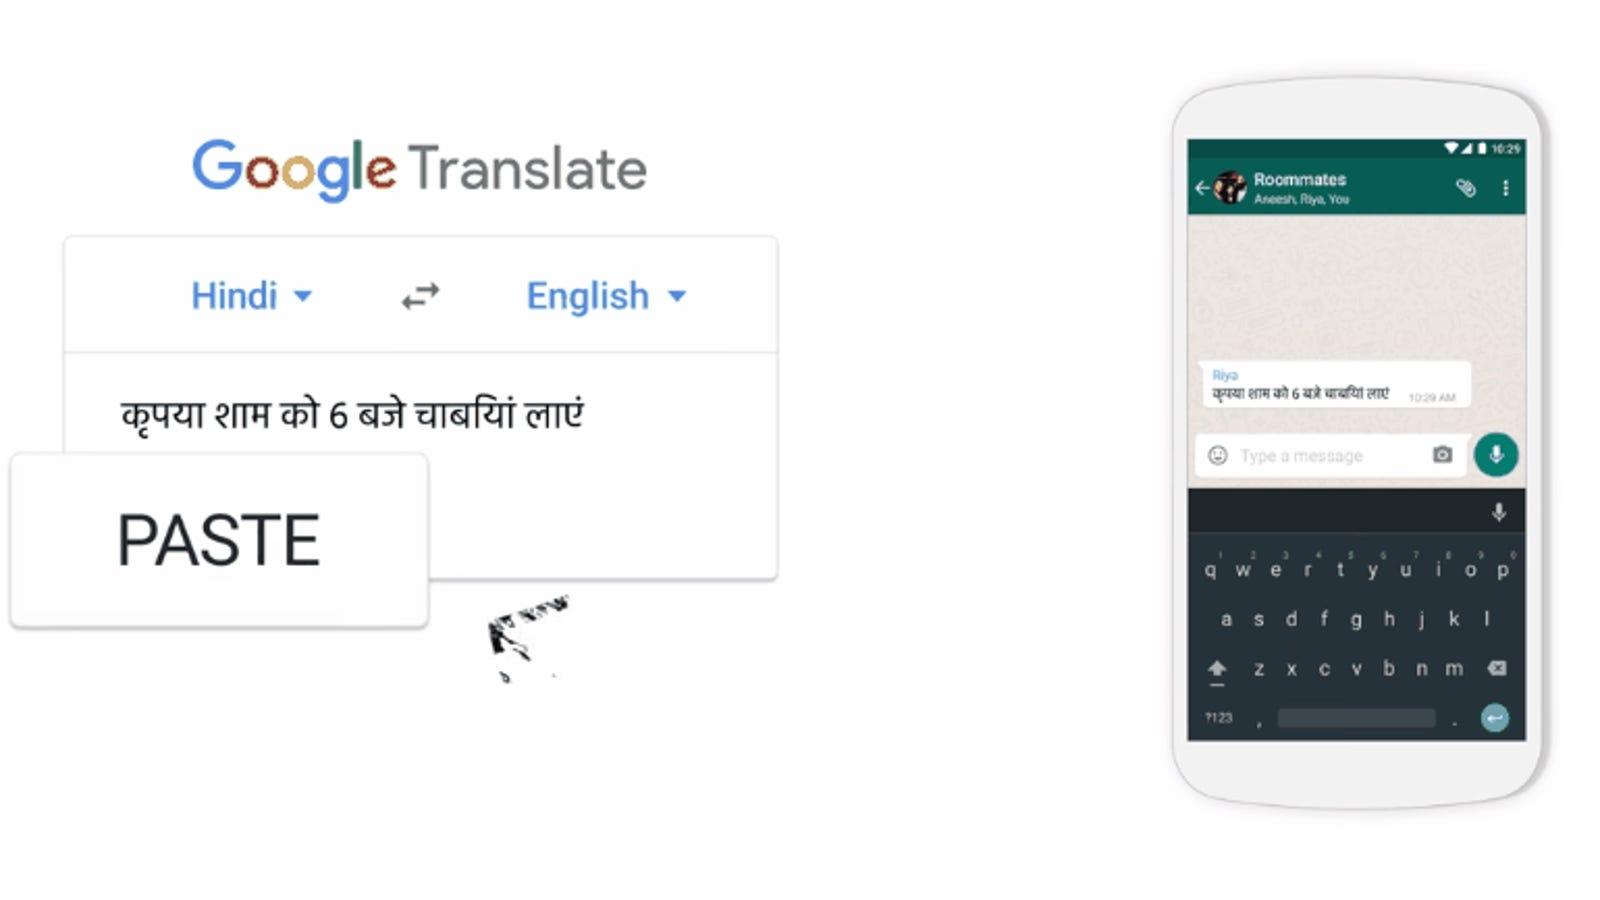 Google Translate ahora puede traducir textos dentro de cualquier aplicación en Android